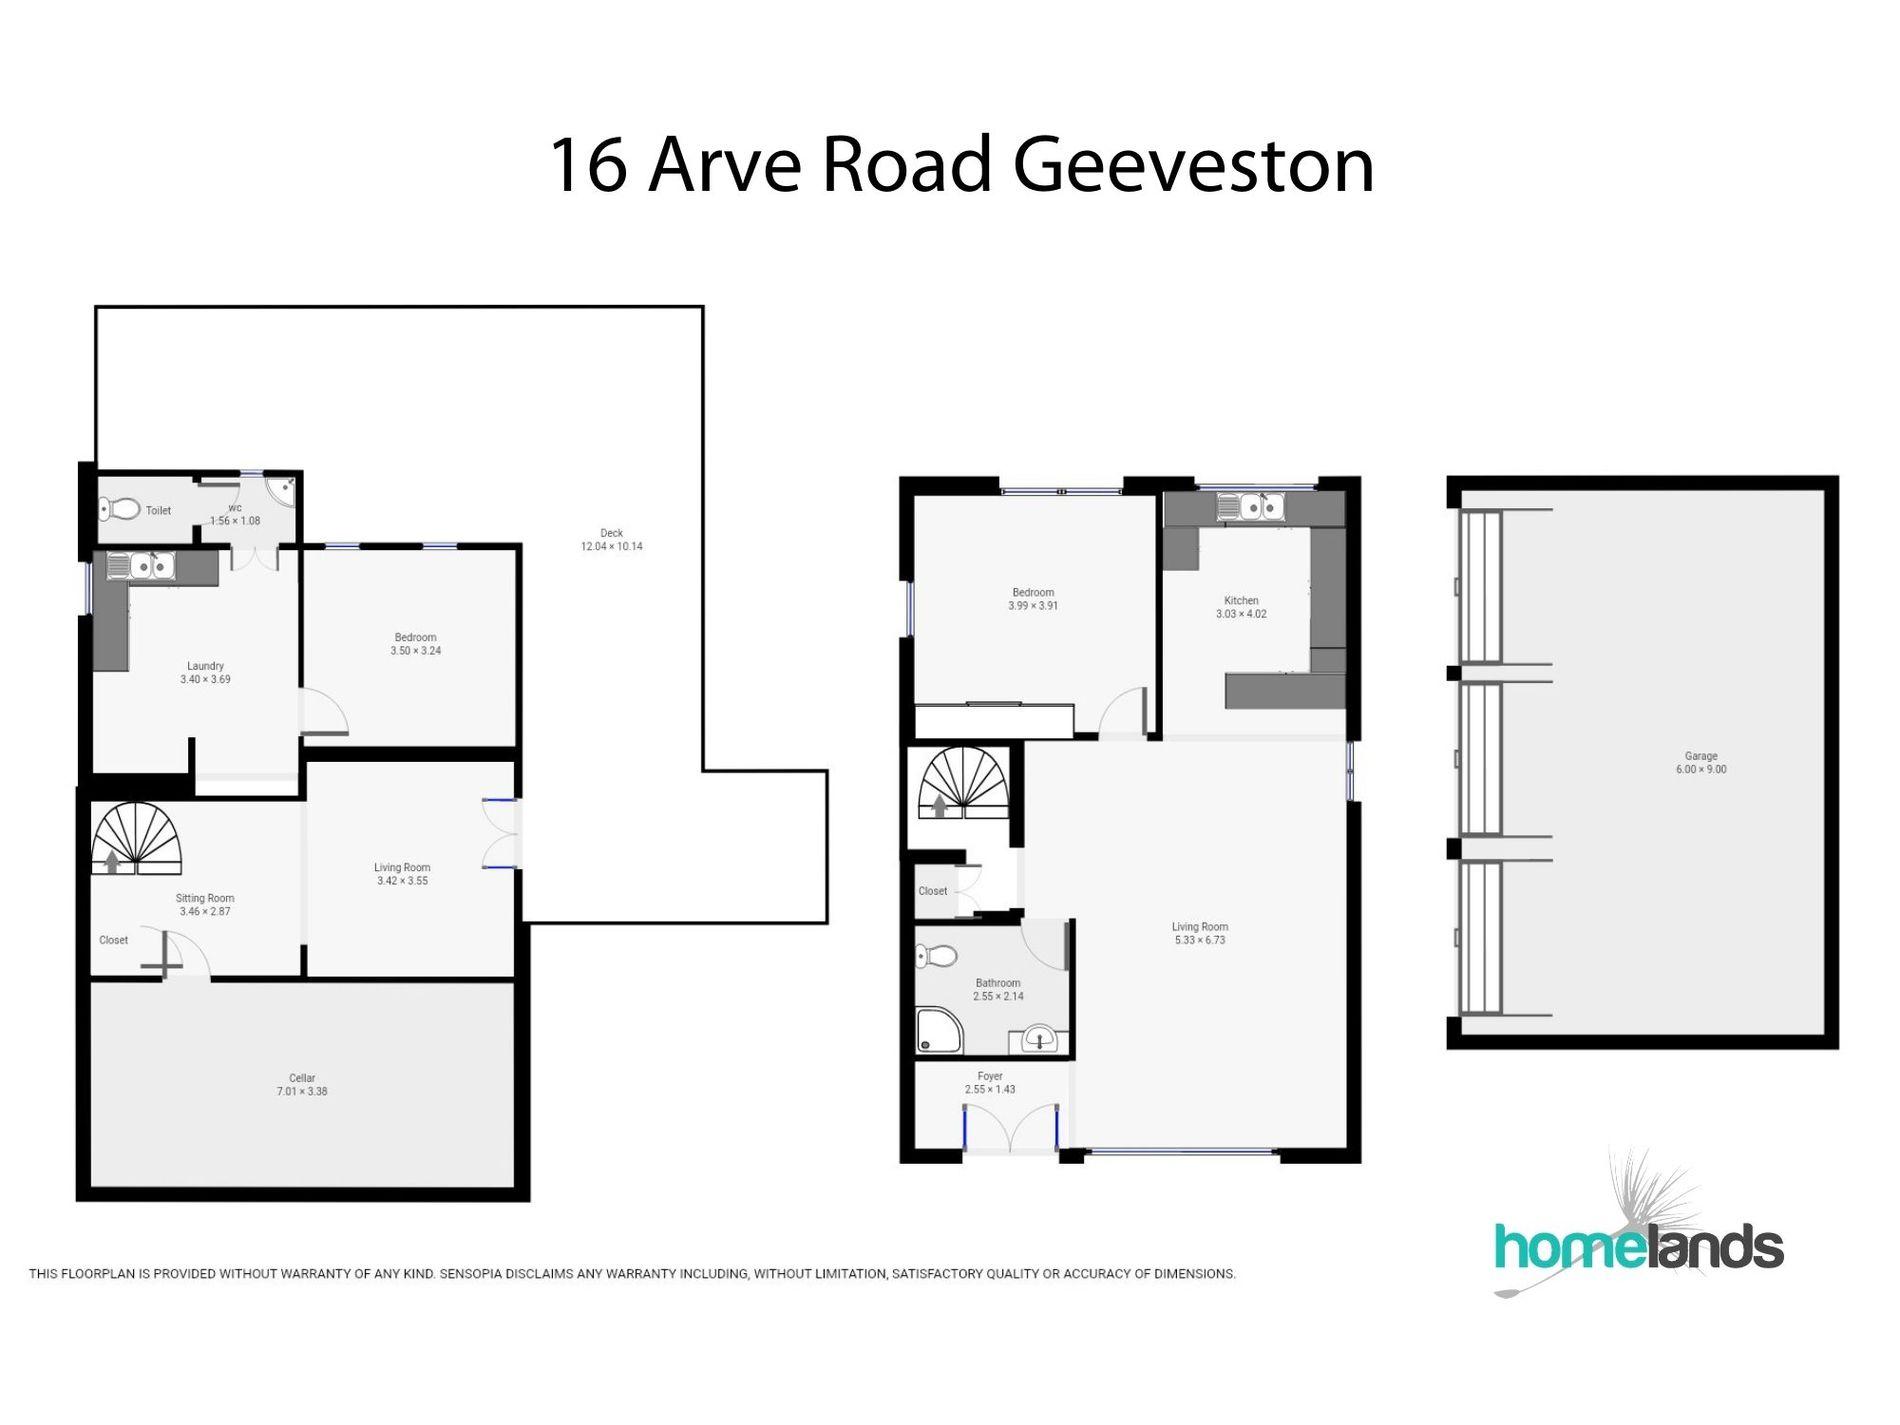 16 Arve Road, Geeveston